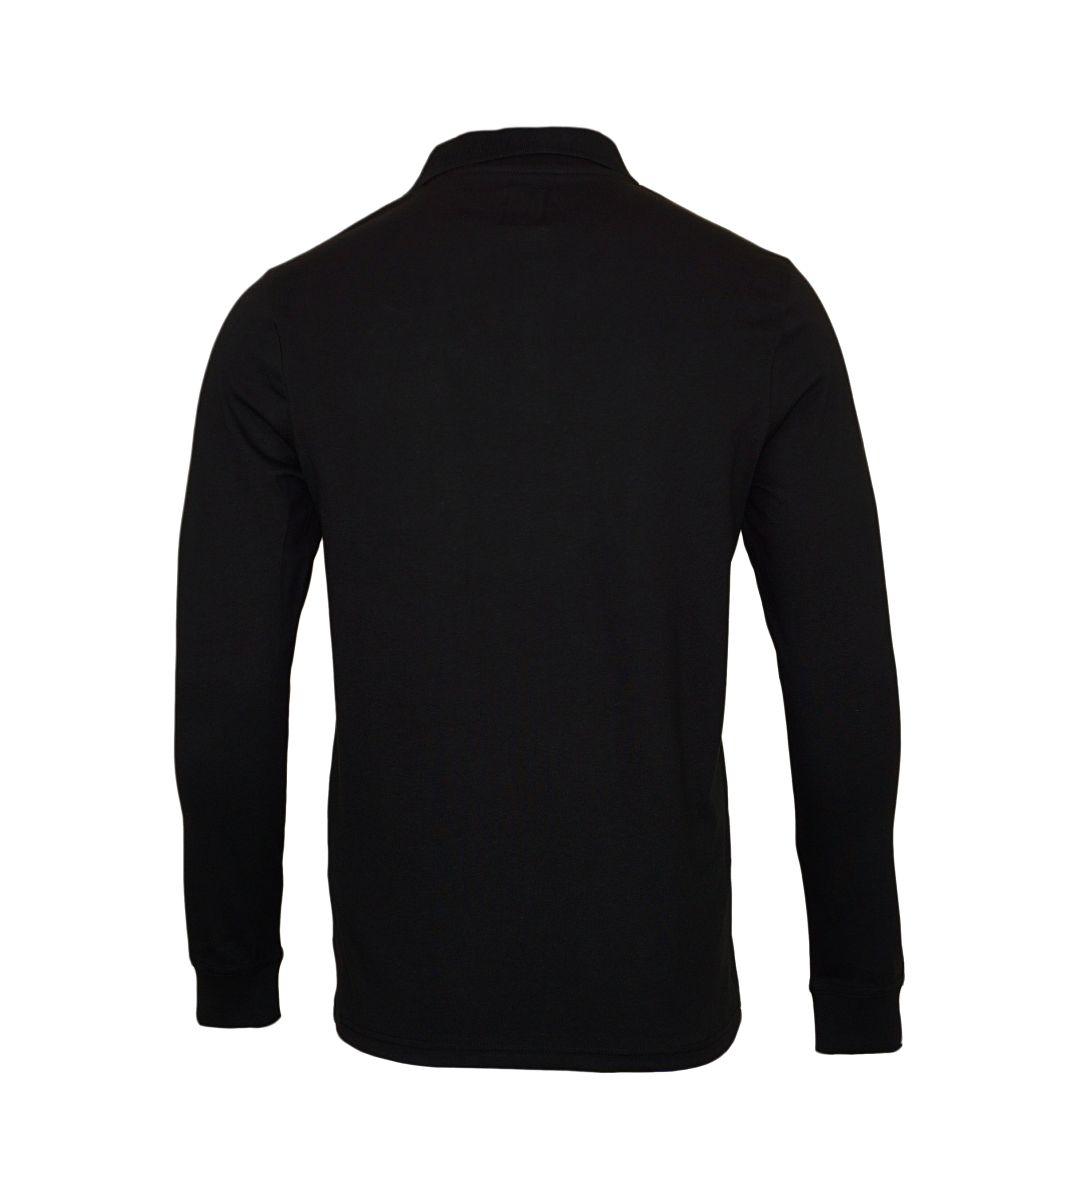 Daniel Hechter Longsleeve Poloshirt 75003 172900 990 schwarz SH17-DHL1